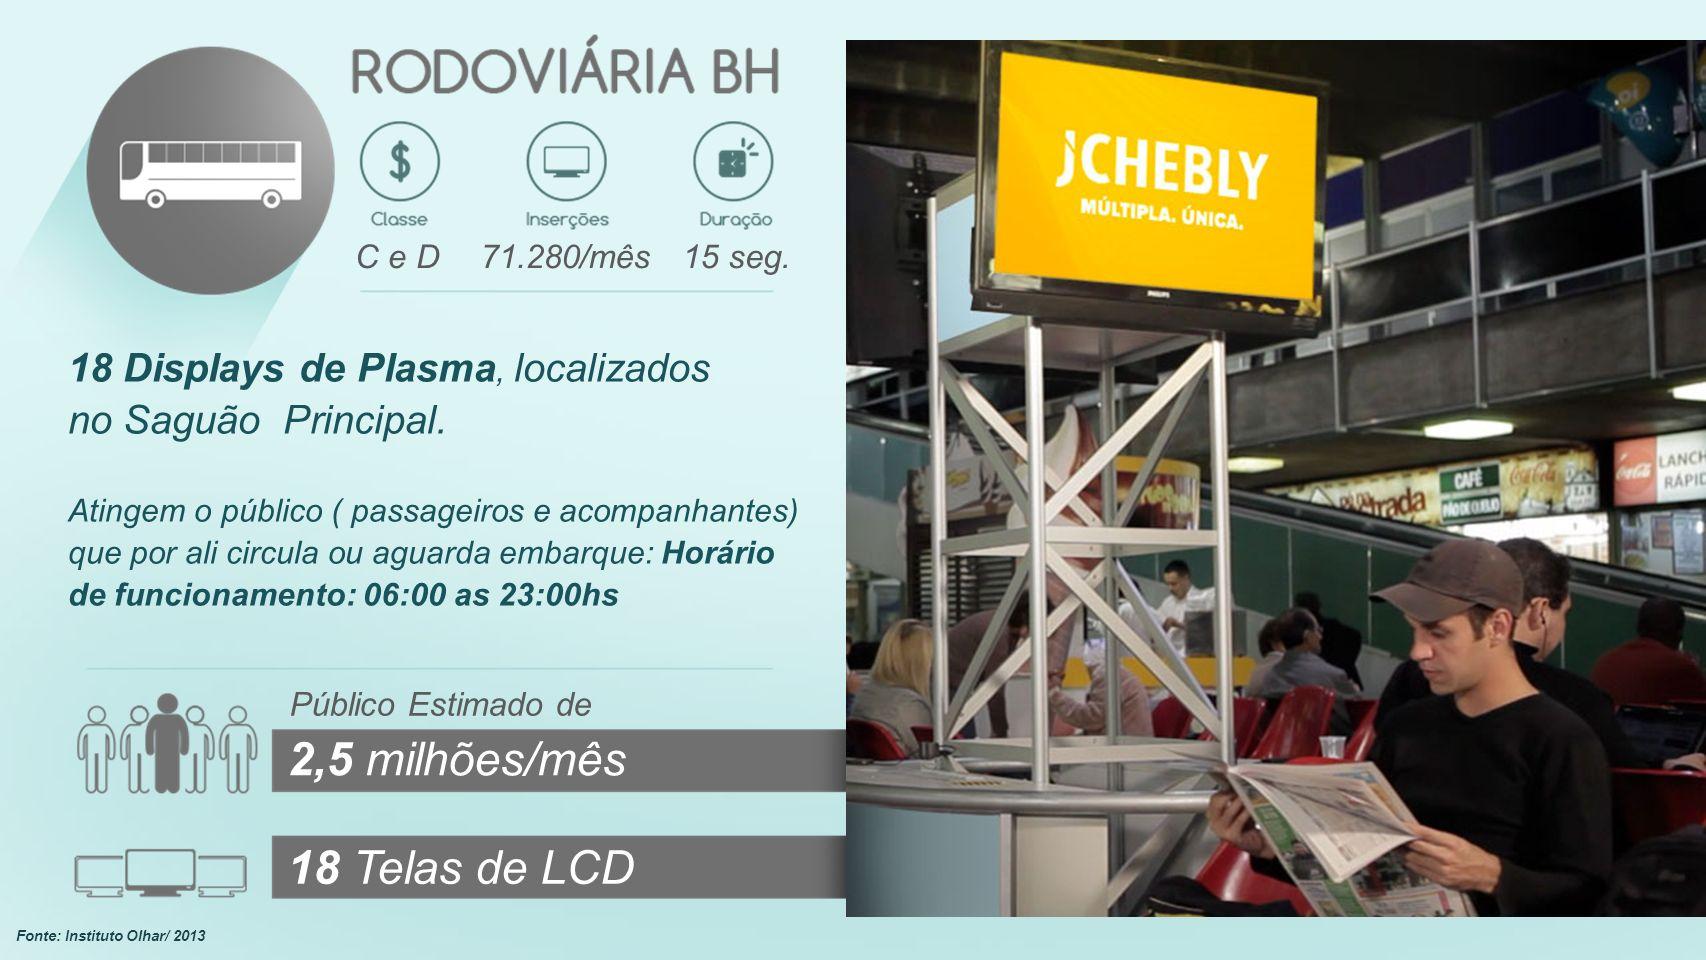 2,5 milhões/mês 18 Telas de LCD 18 Displays de Plasma, localizados